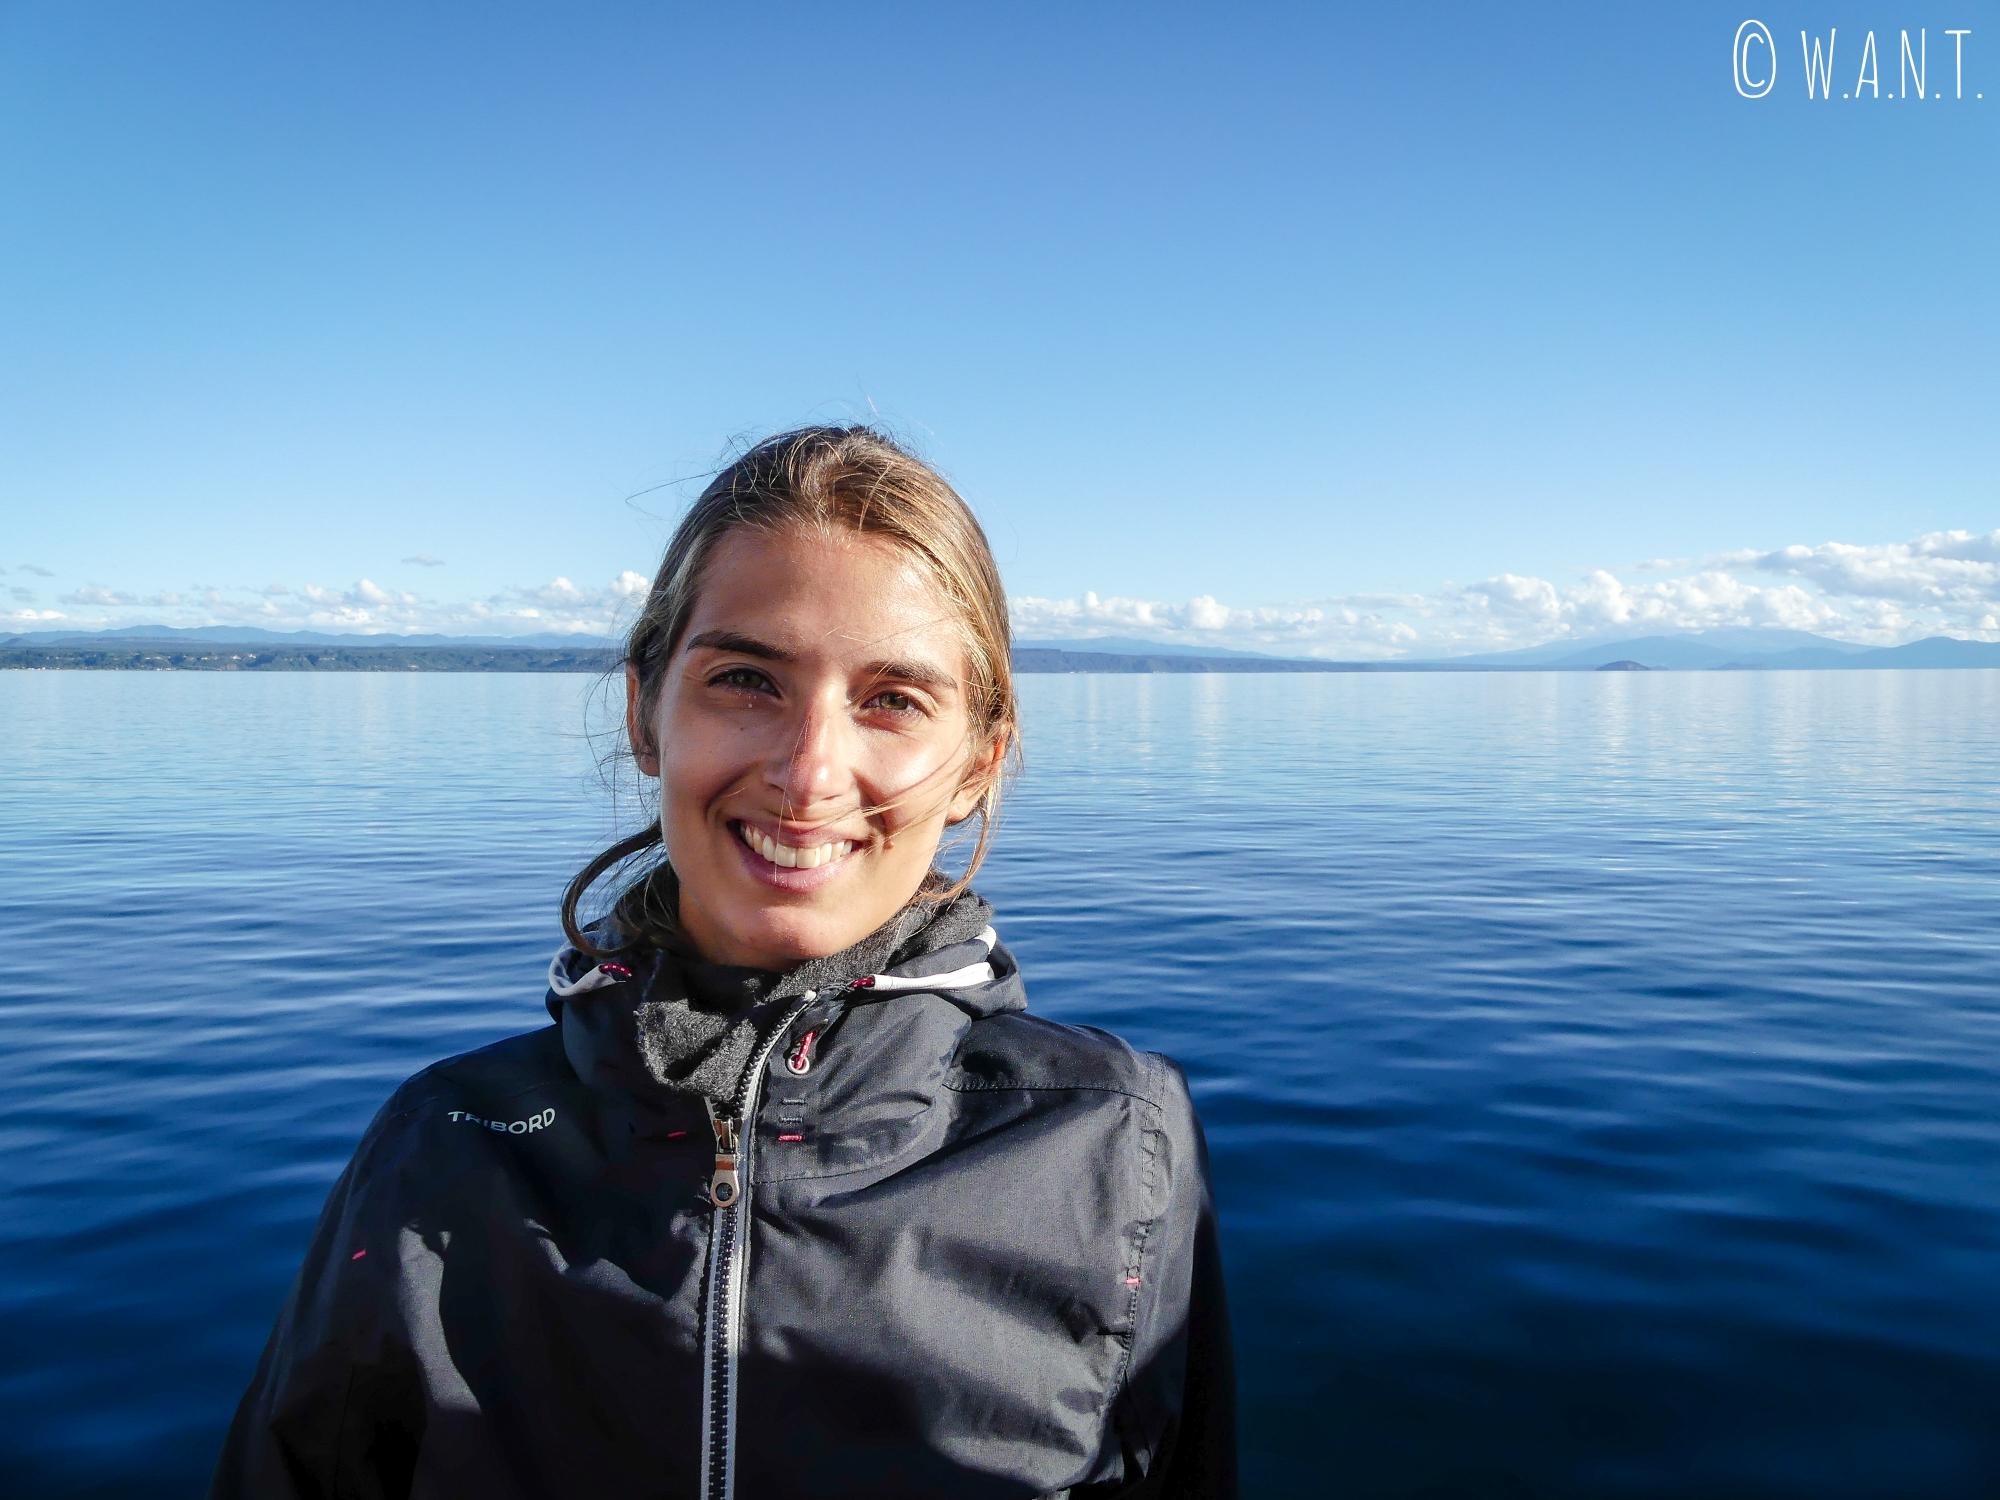 Marion est ravie de notre sortie en bateau sur le lac Taupo en Nouvelle-Zélande